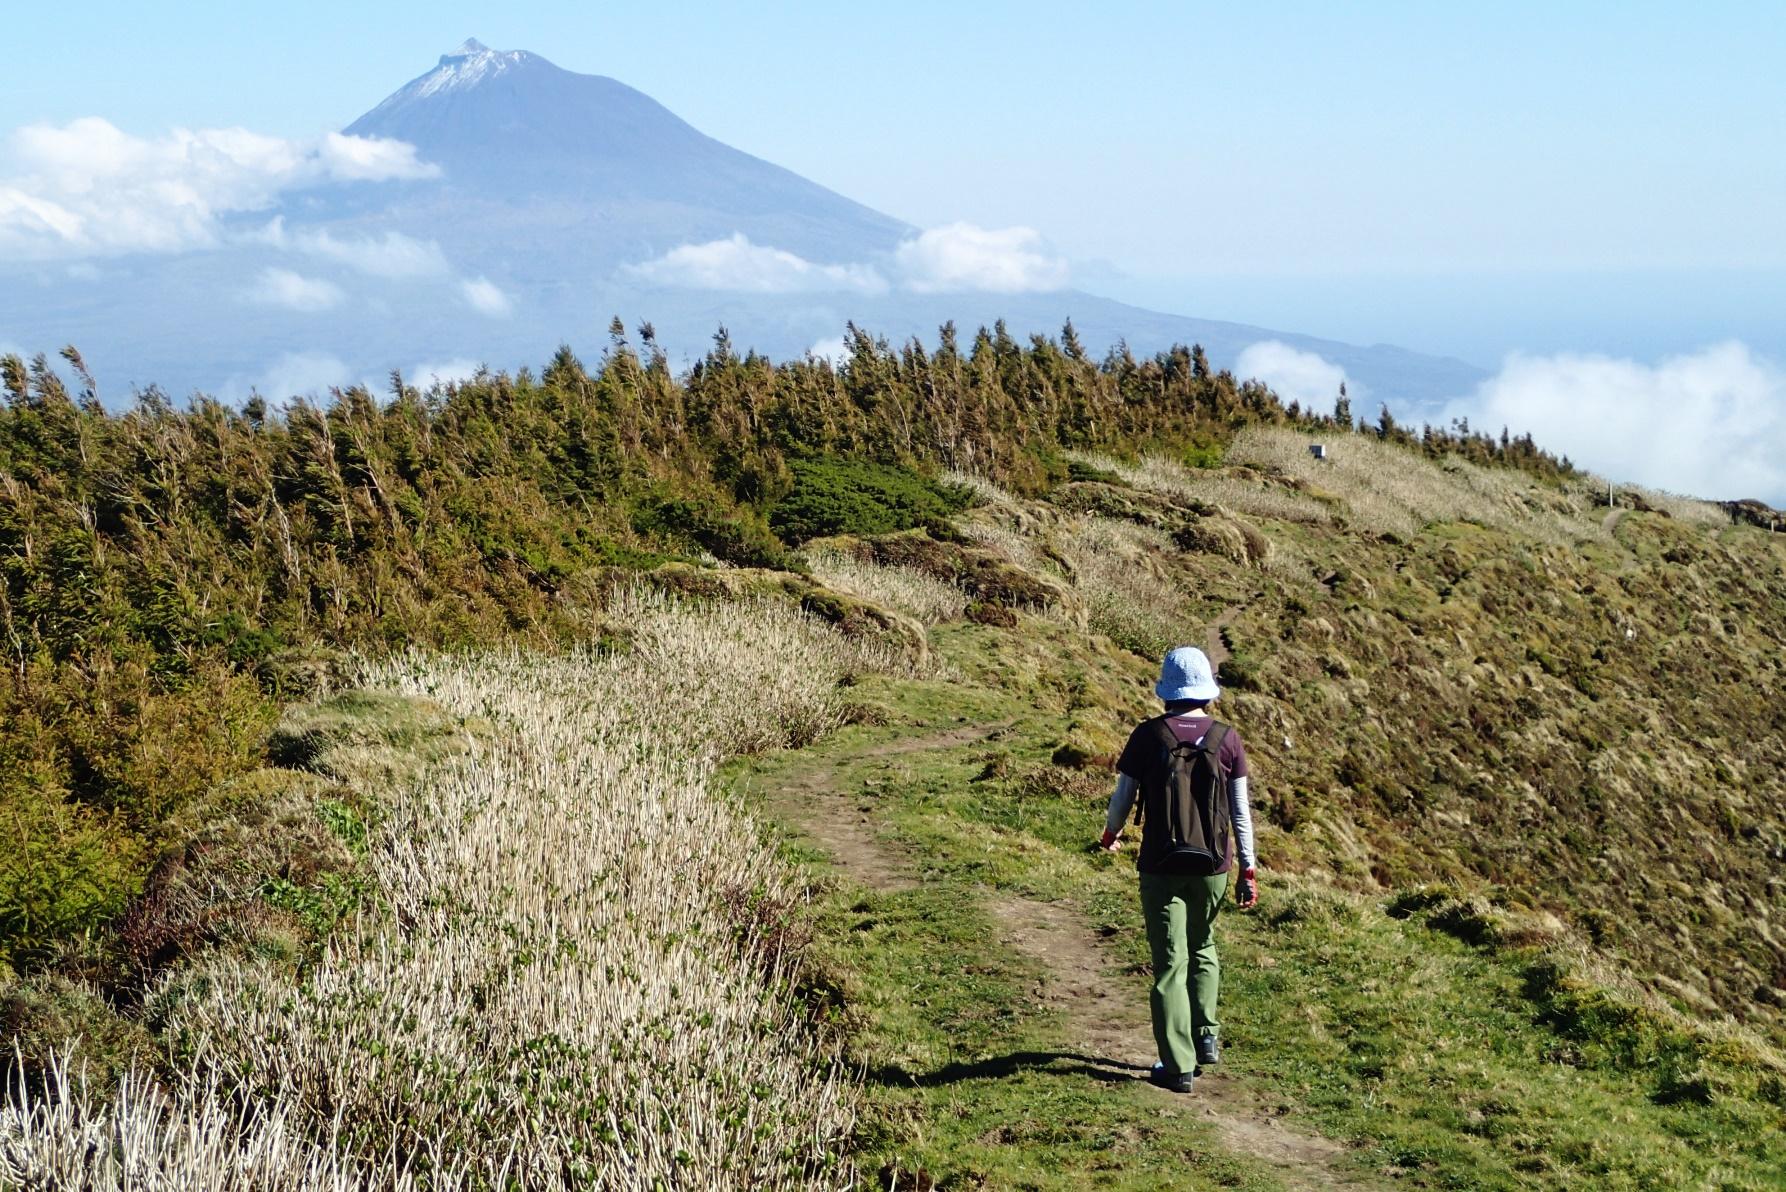 ファイアル島のハイキング、正面にポルトガル最高峰のピコ山を望む(4日目)